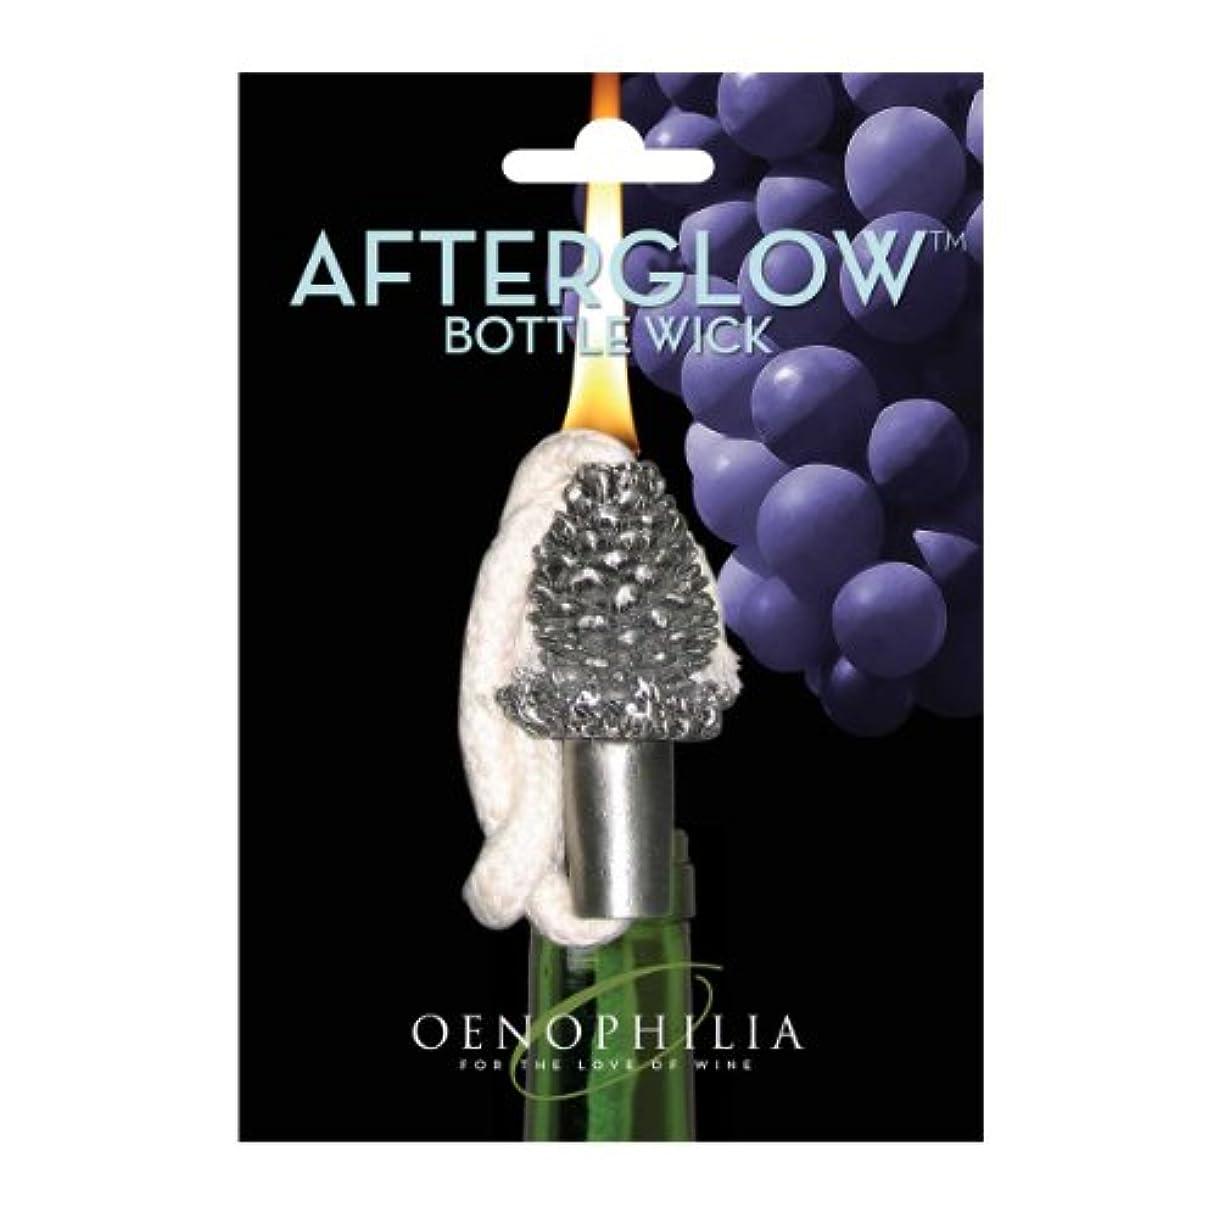 指前文リスキーなOenophilia Afterglow Bottle Wick - Pinecone by Oenophilia [並行輸入品]